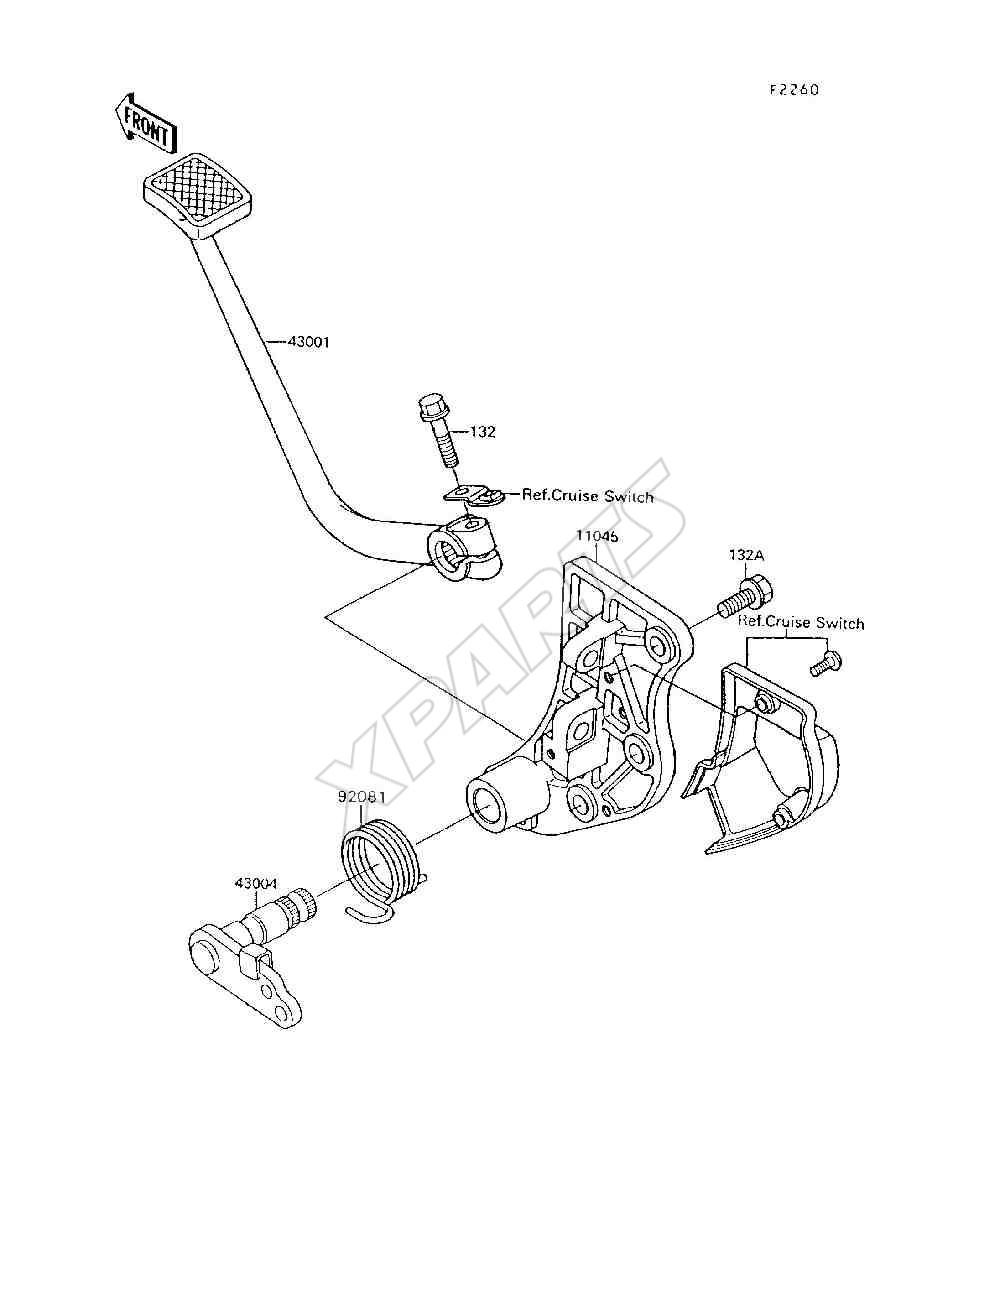 Kawasaki Voyager Xii Zg1200 B6 Fra 1992 Originale Reservedele Wiring Diagram Billede Til Varegruppe Brake Pedal Torque Link